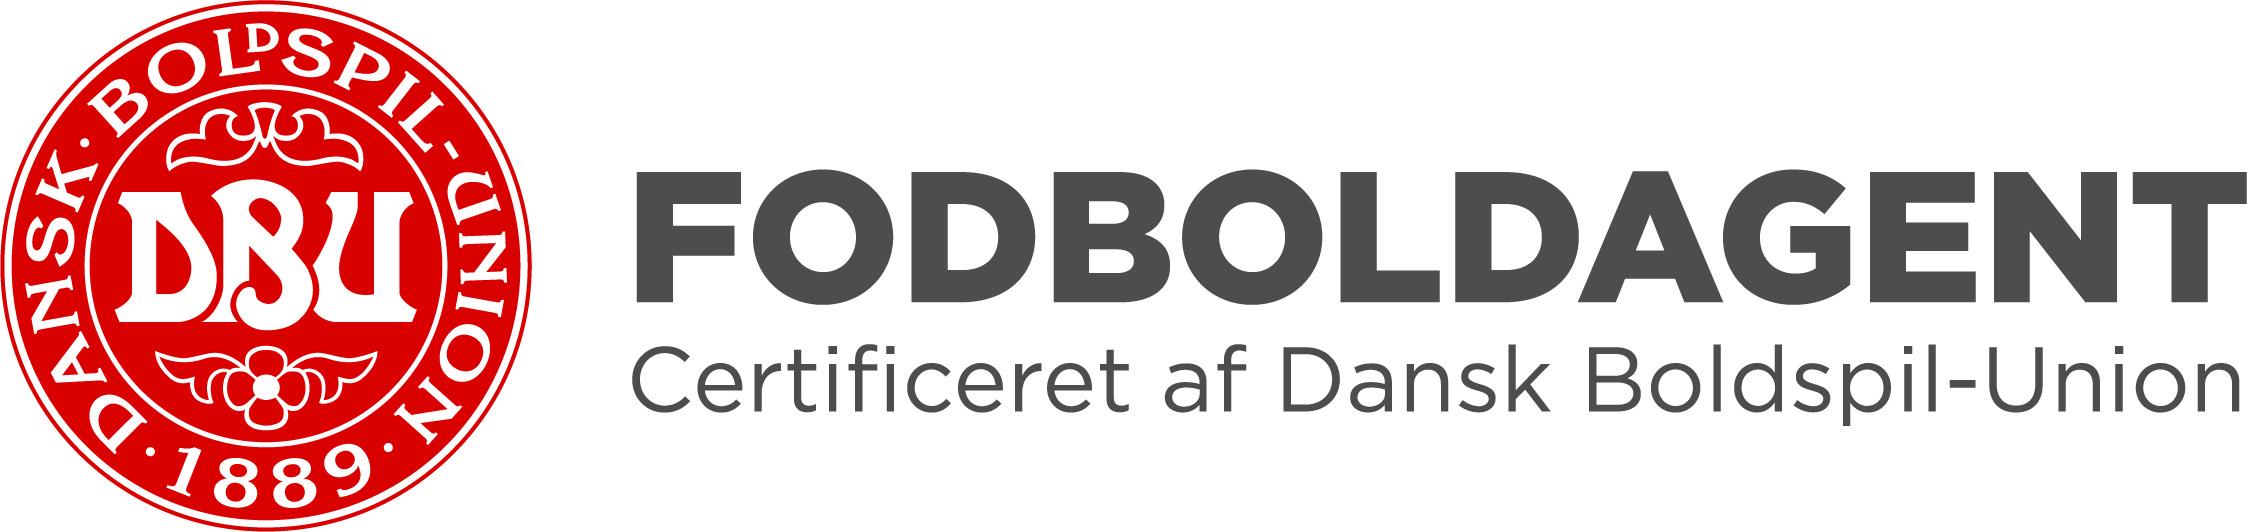 DBU-Certificerede Fodboldagenter.jpg